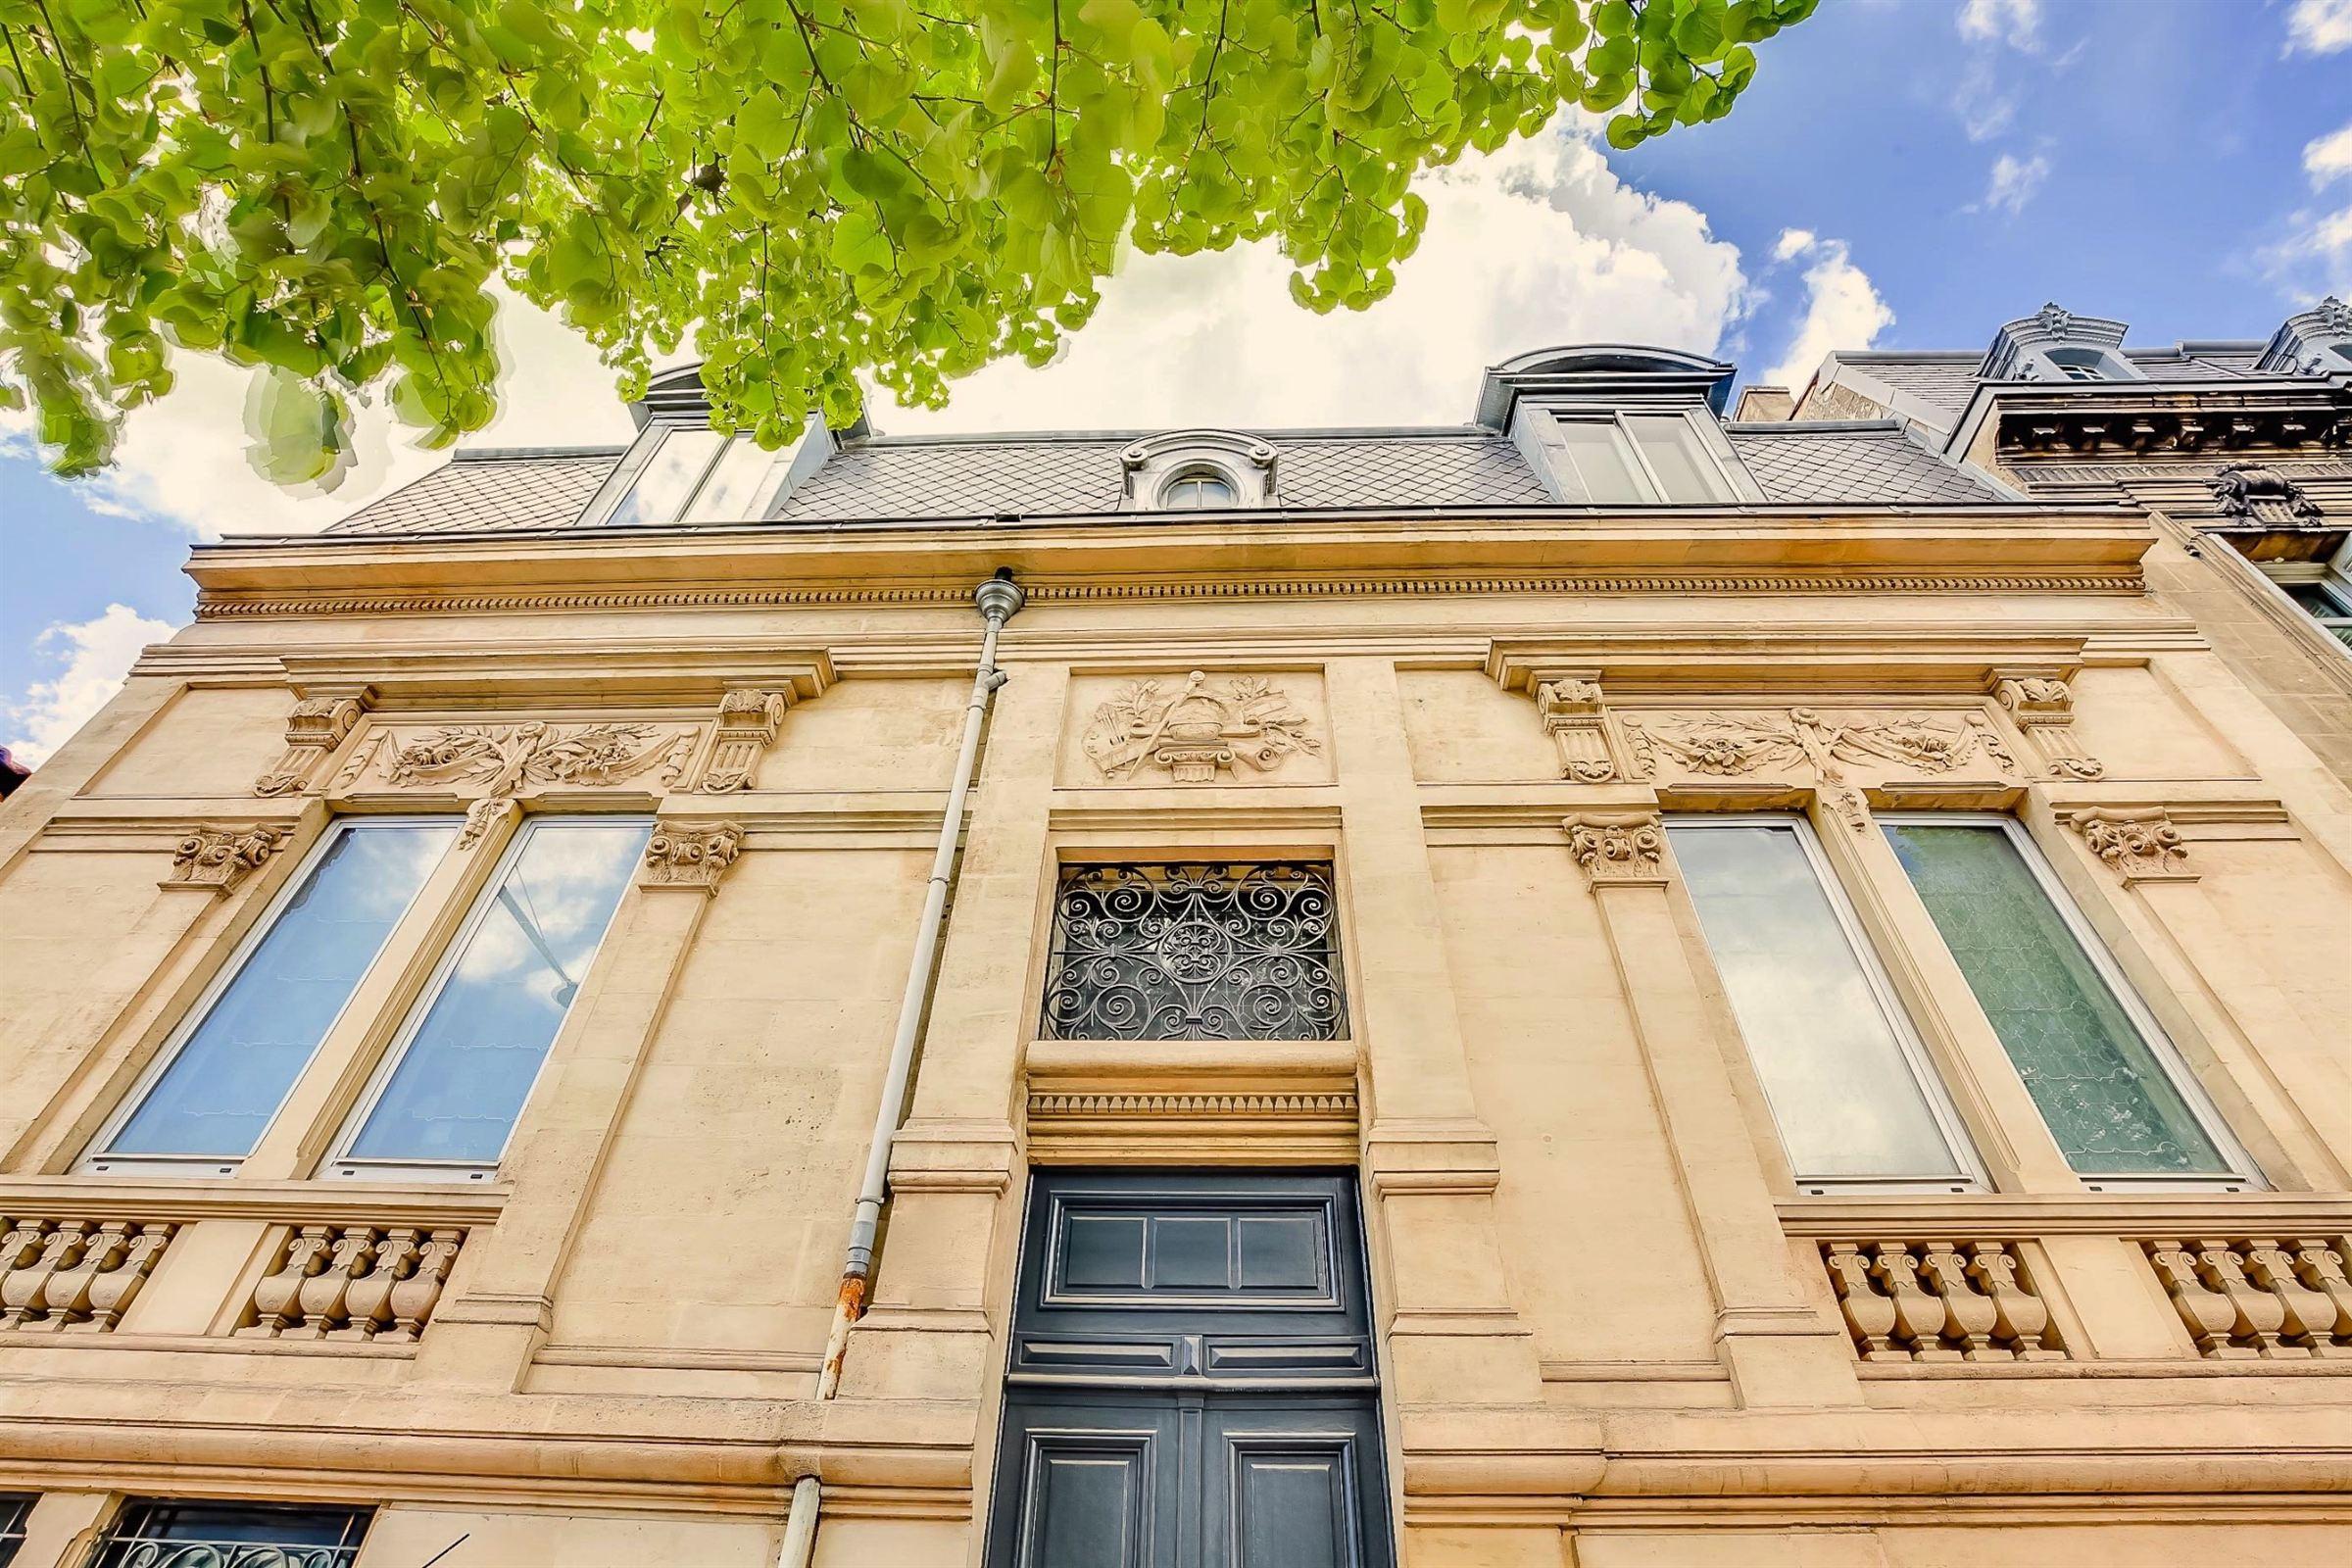 Casa Unifamiliar por un Venta en DOWNTOWN BORDEAUX - GORGEOUS TOWN-HOUSE - SPA - PARKING Bordeaux, Aquitania, 33000 Francia